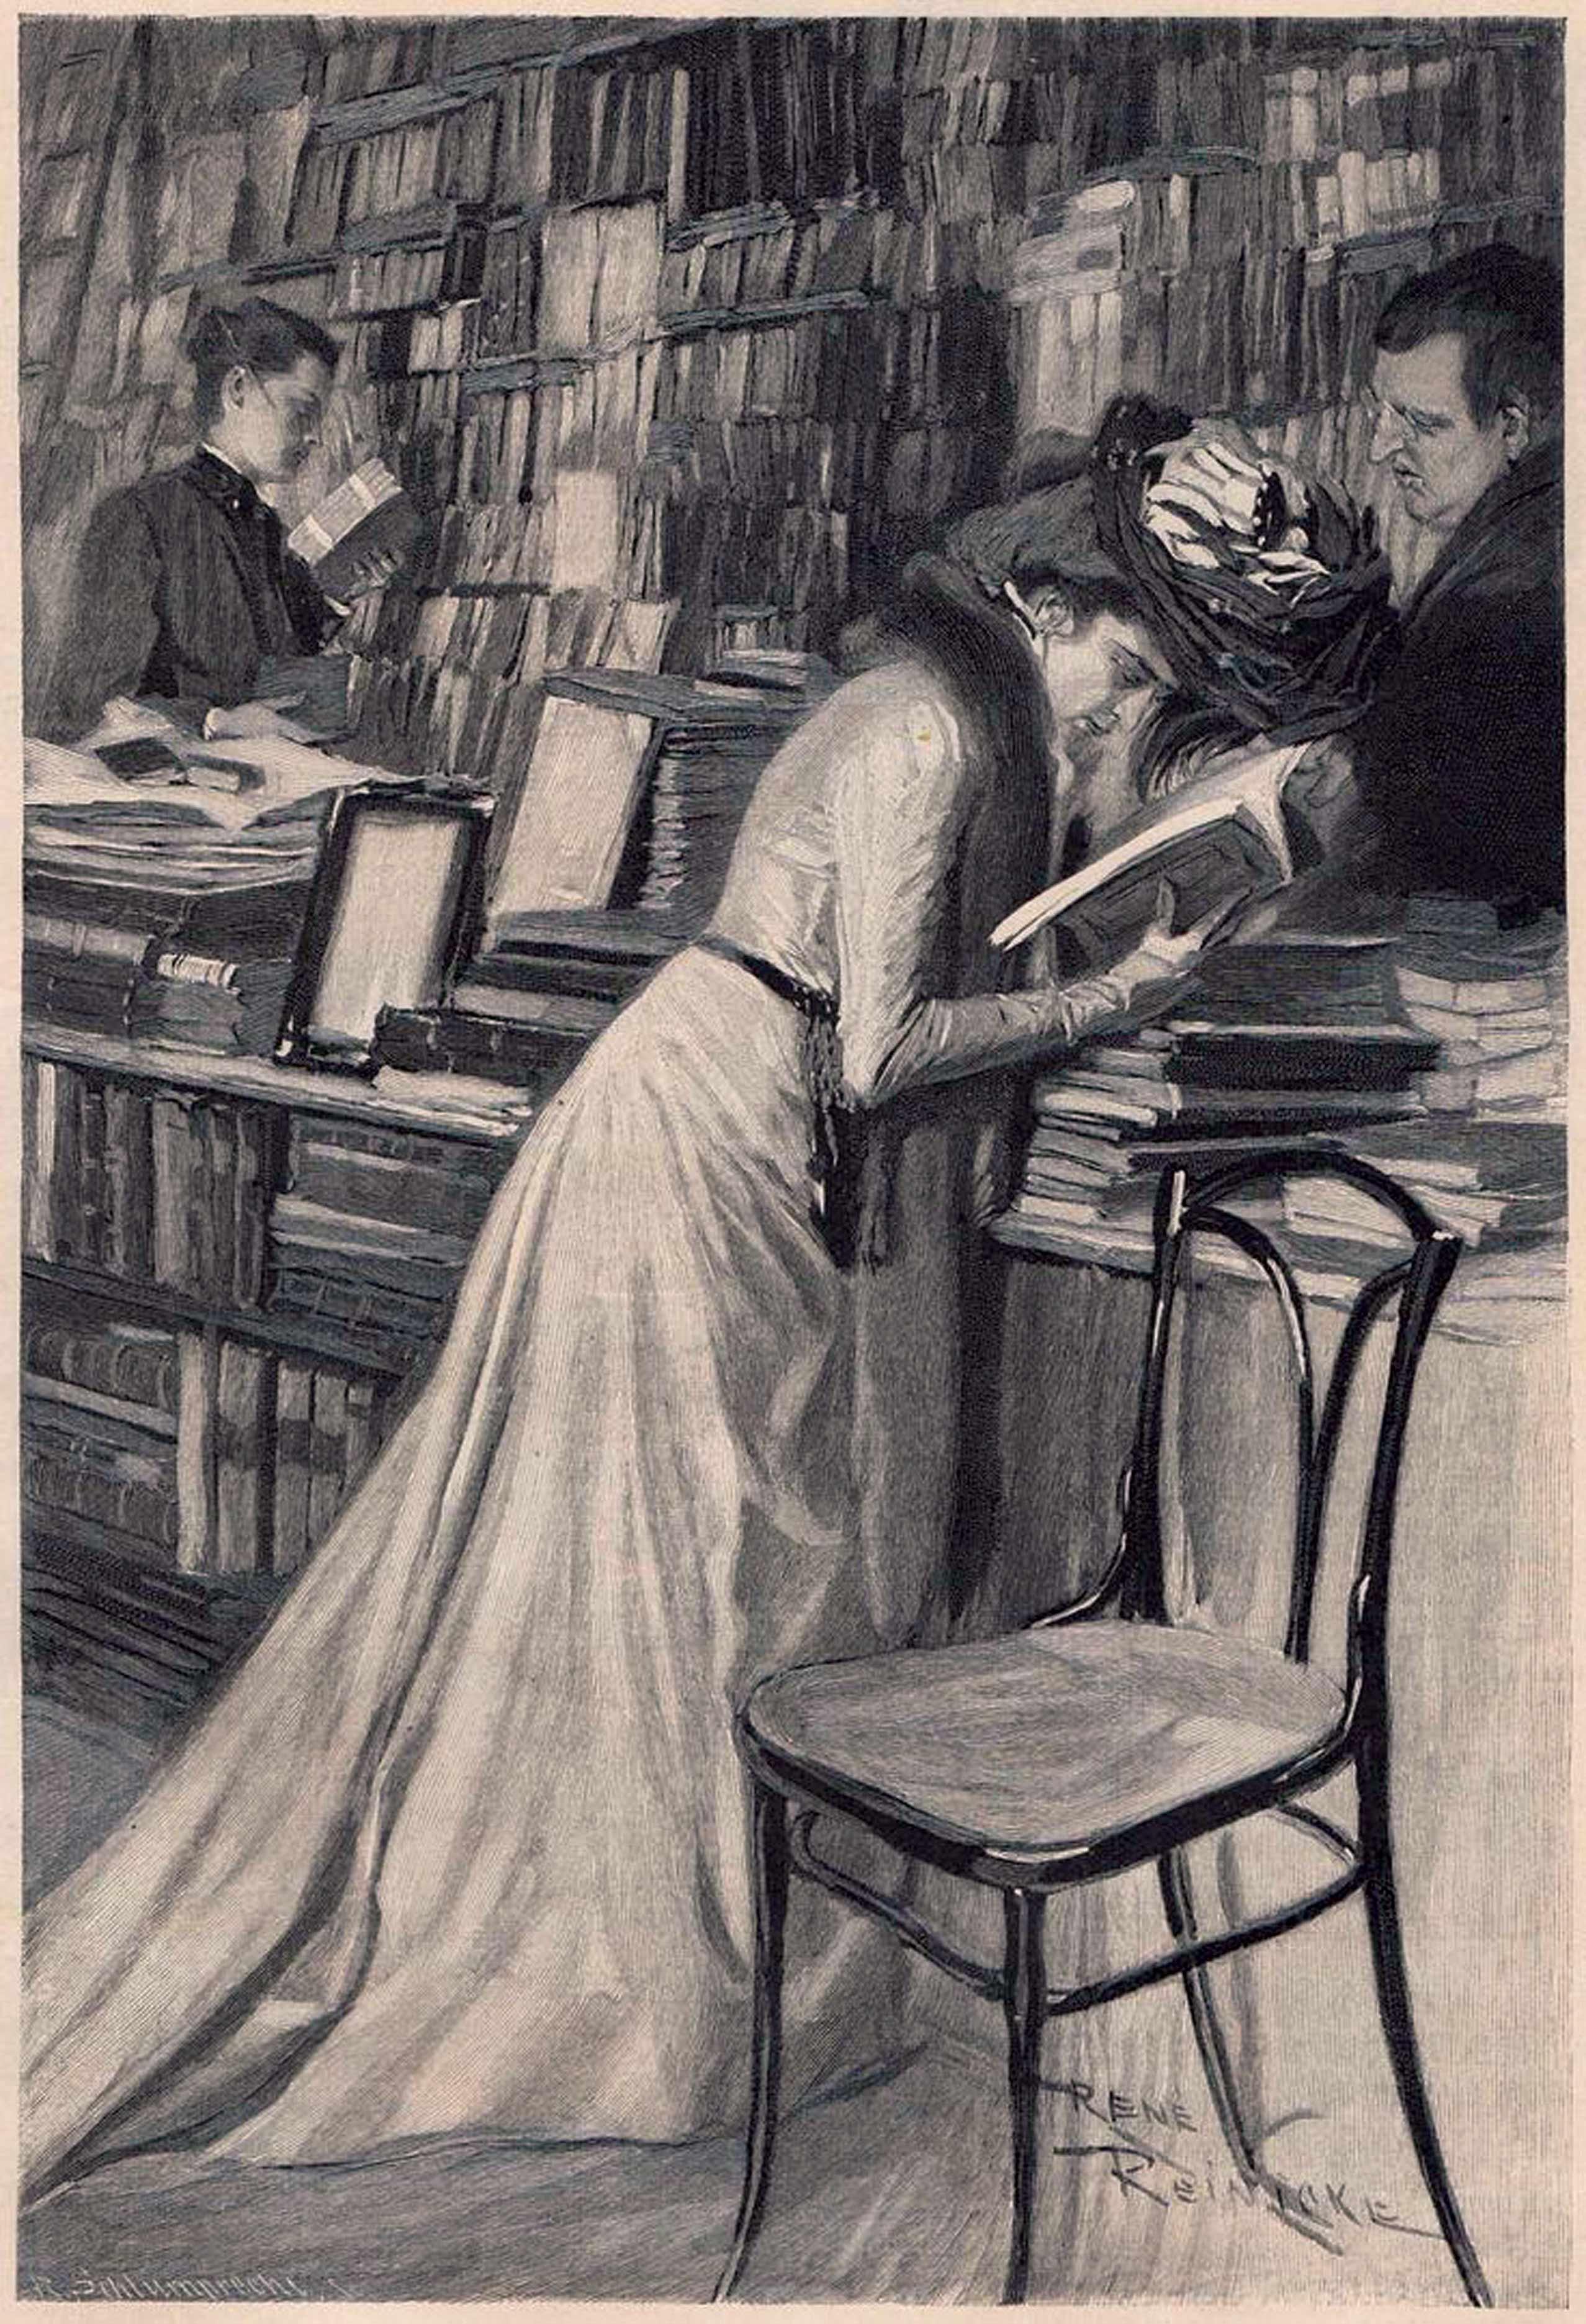 אשה מעיינת בספר בחנות ספרים, רישום מאת רנה רניק, שלהי המאה ה-19